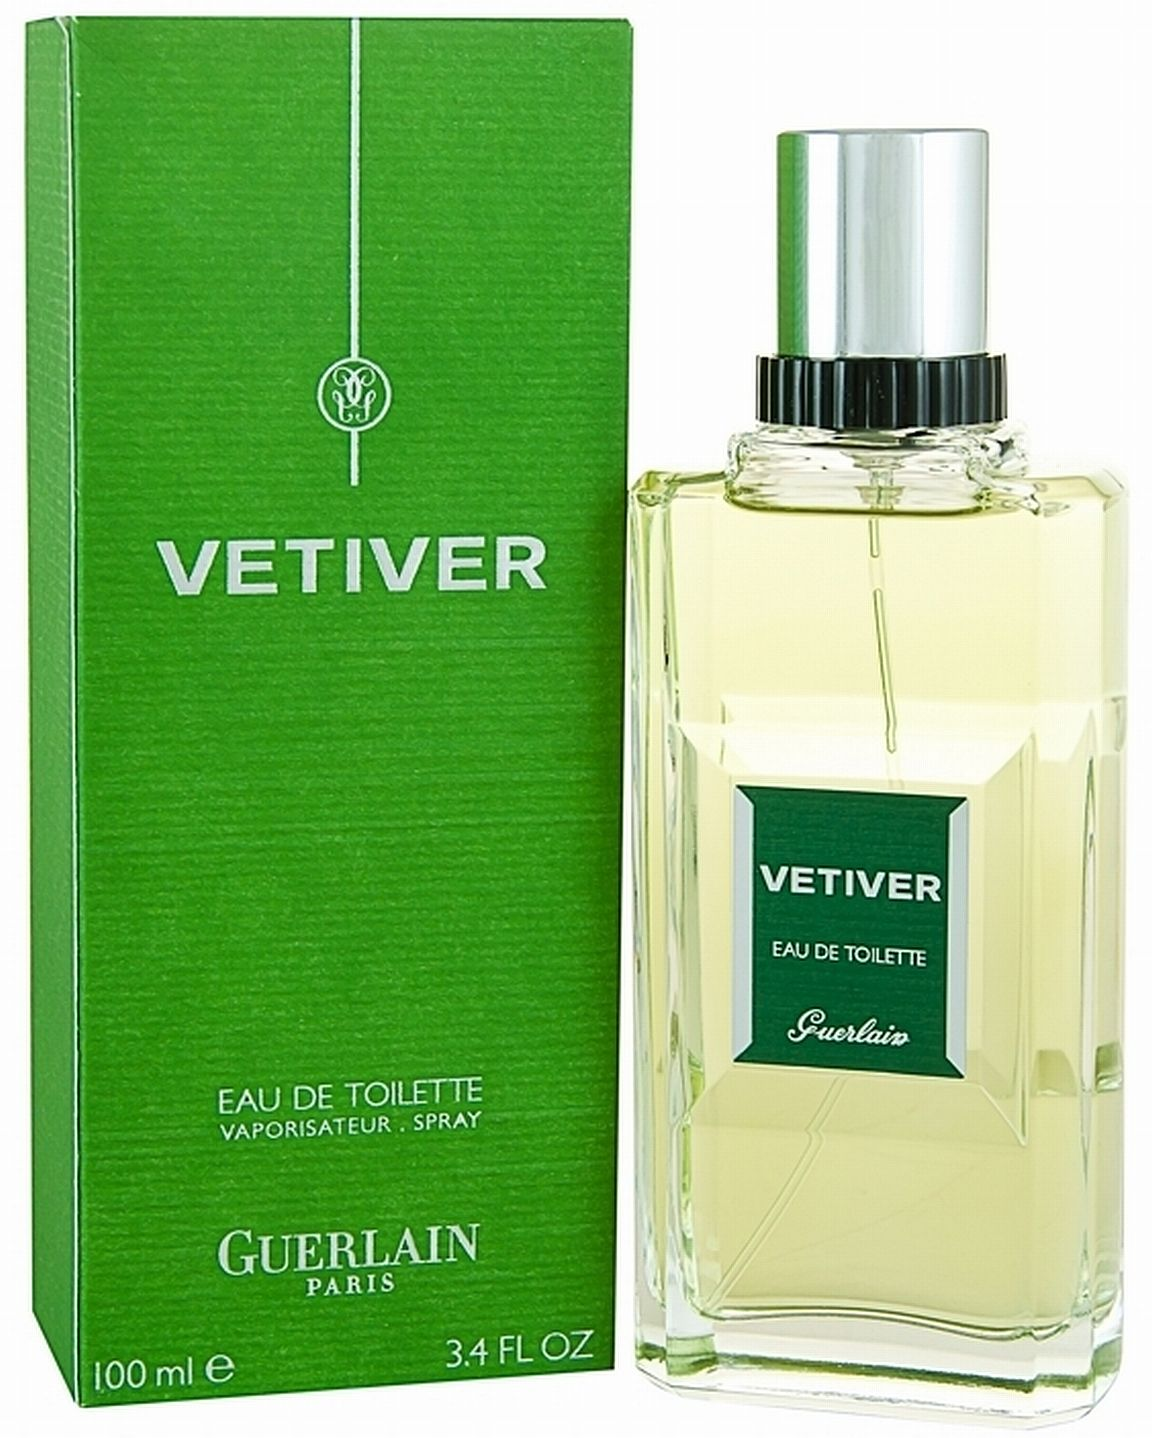 From Pyrgos: Vetiver (Guerlain)